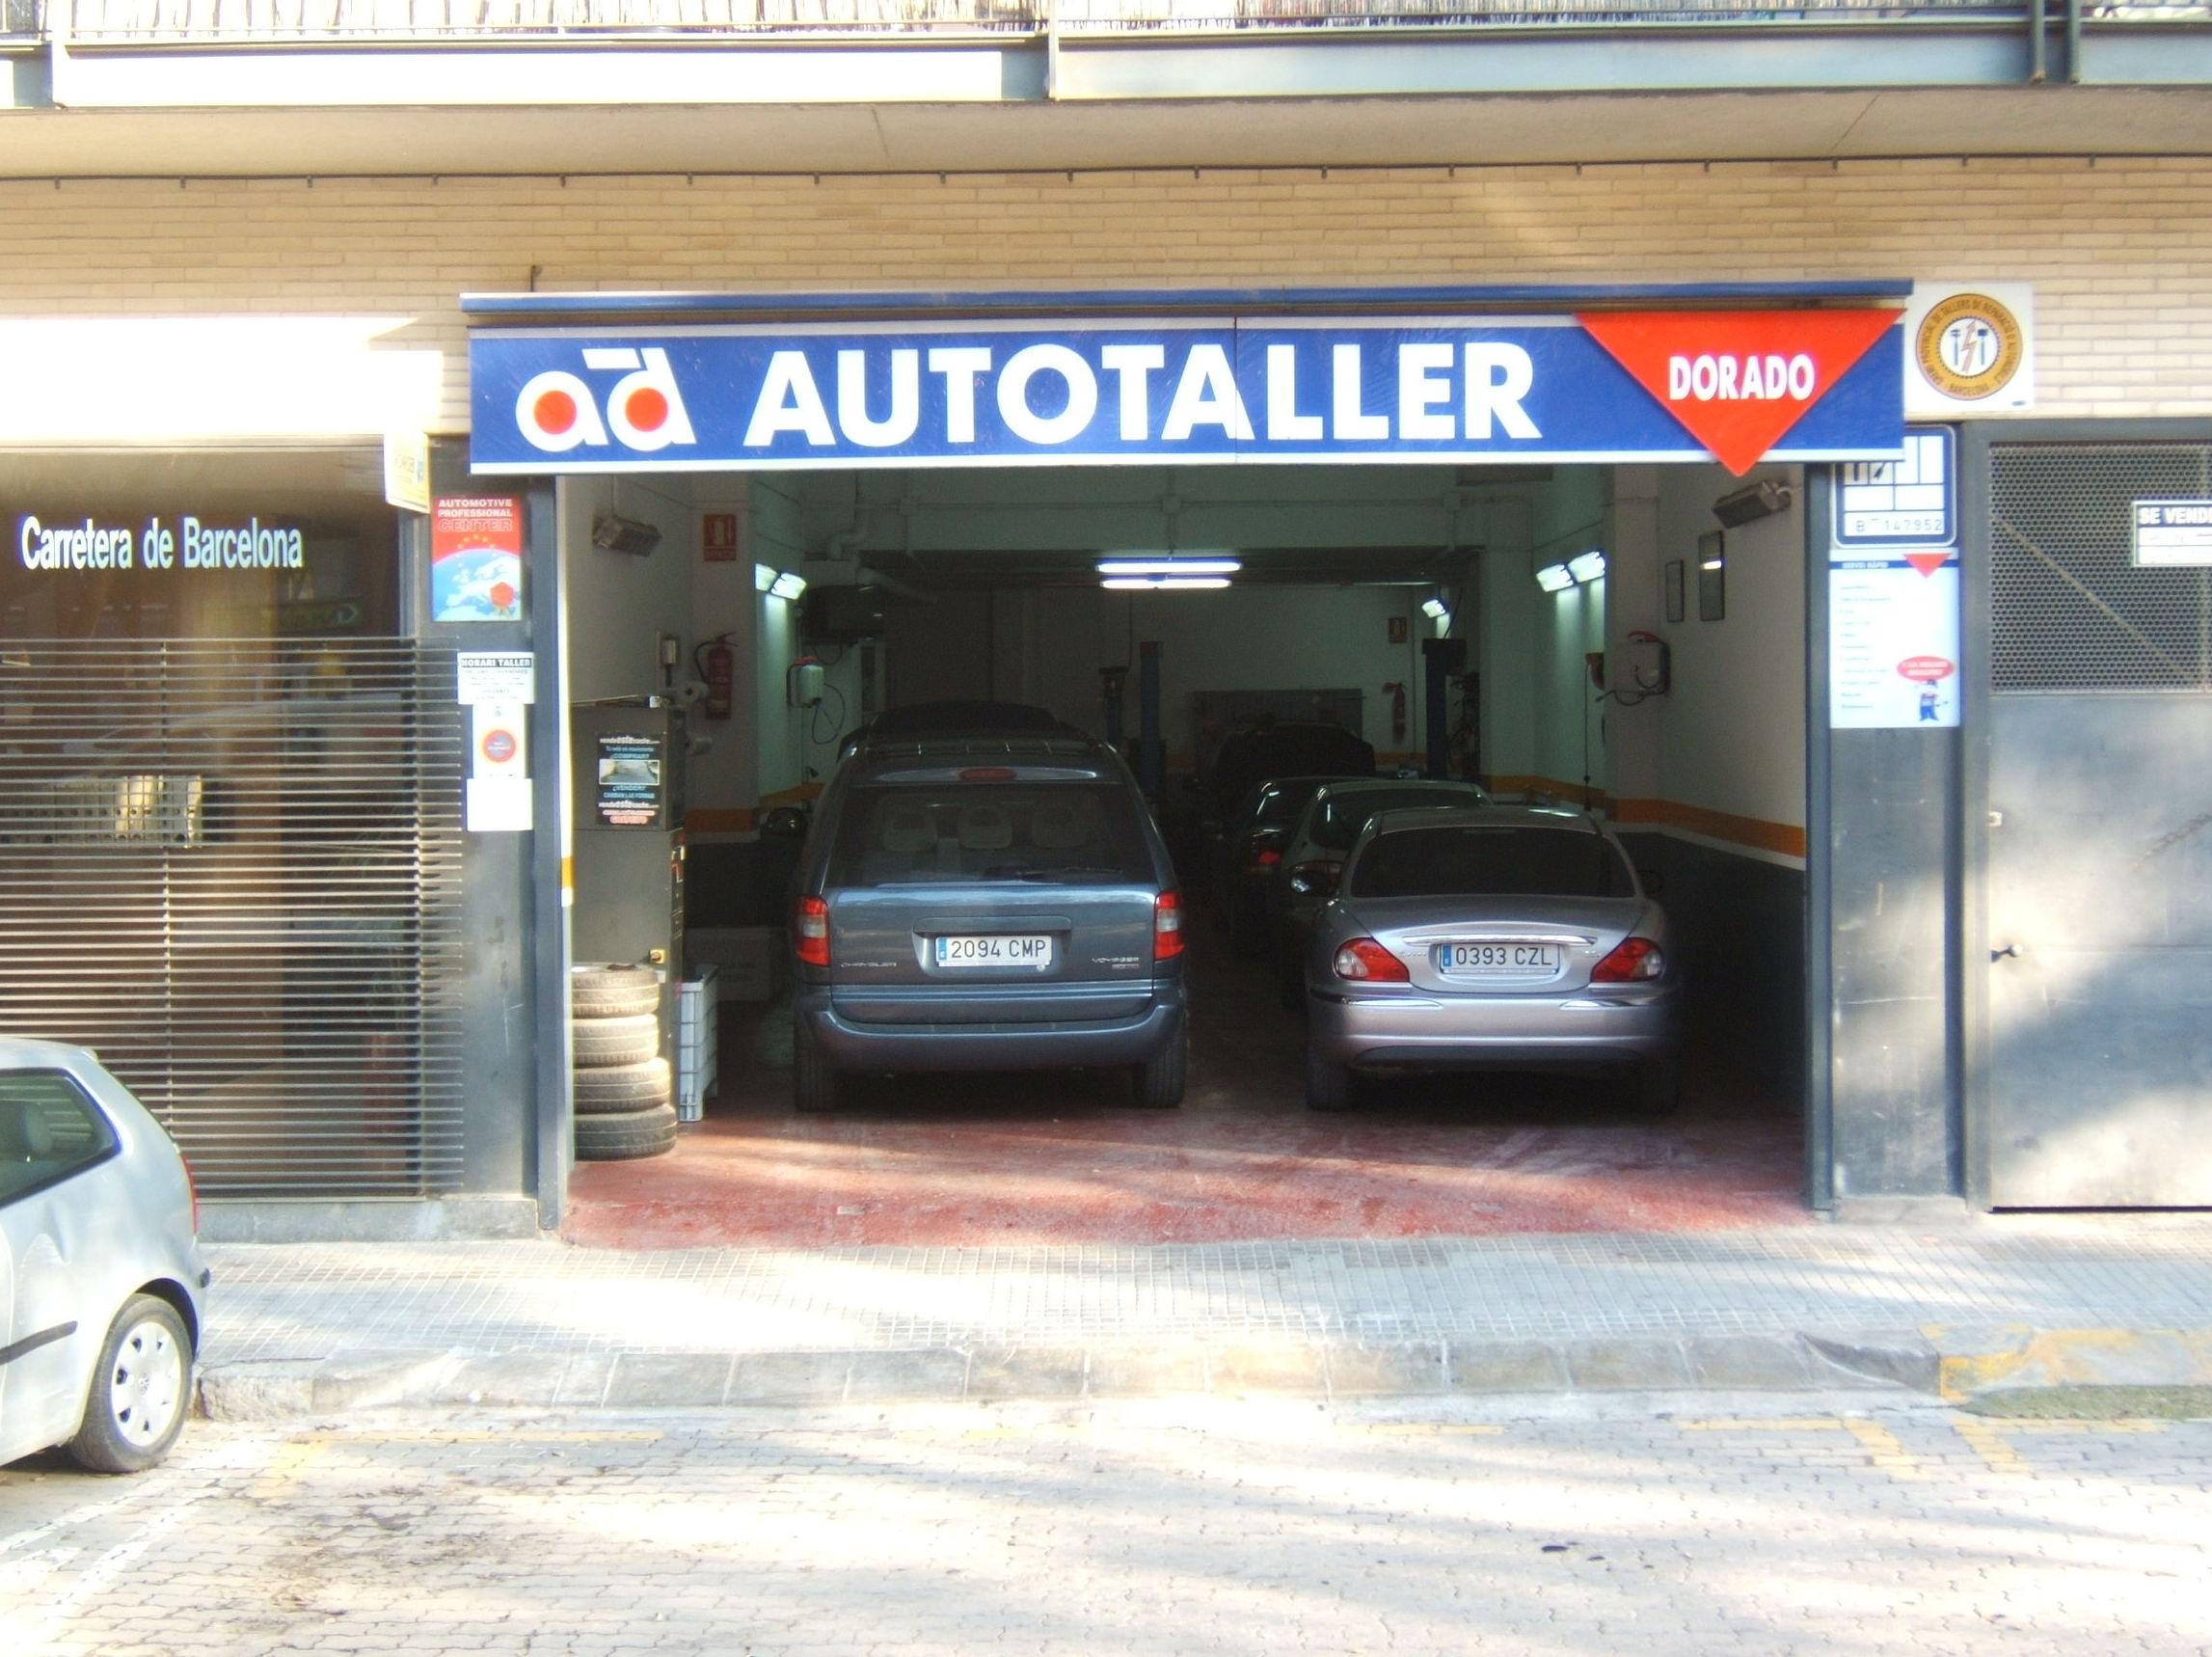 Foto 4 de Taller mecánico y compra y venta de vehículos en Barcelona en Viladecans | Automóviles y Talleres Dorado